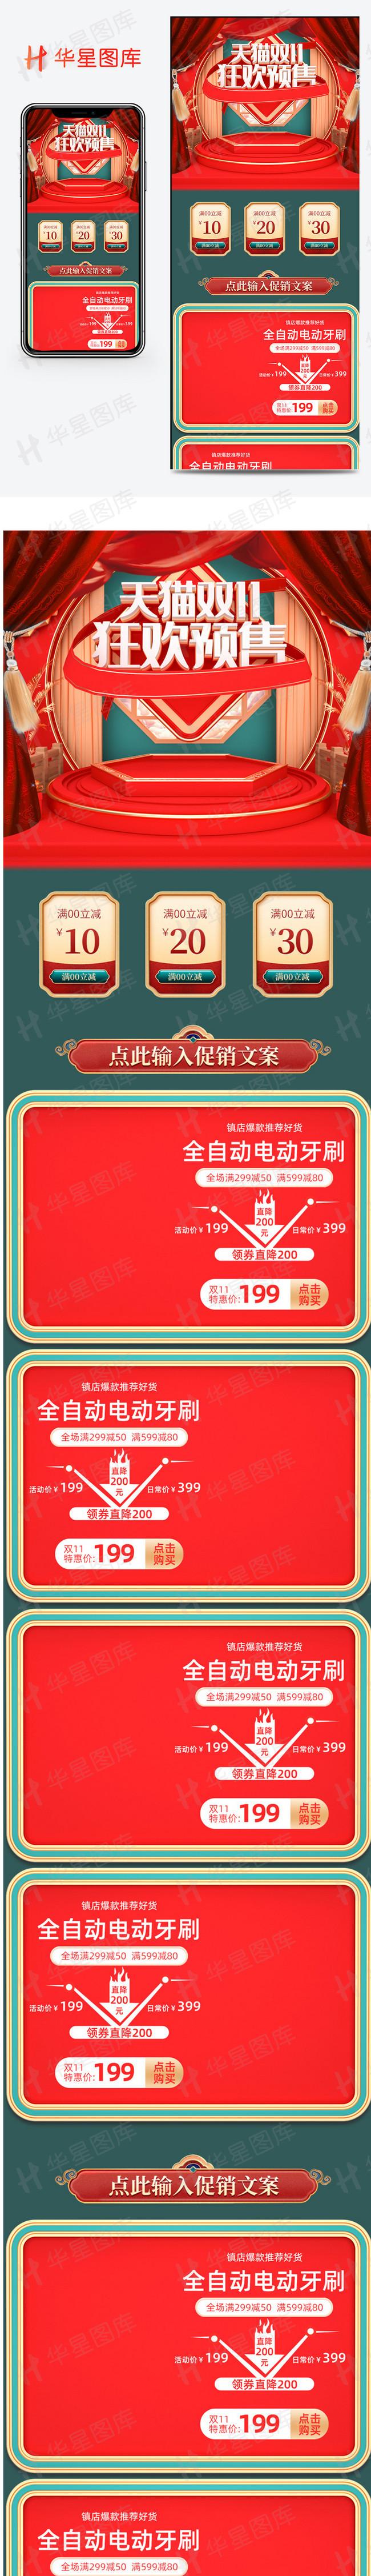 红色大气国潮风中国风双11预售c4d电商首页手机版750 px